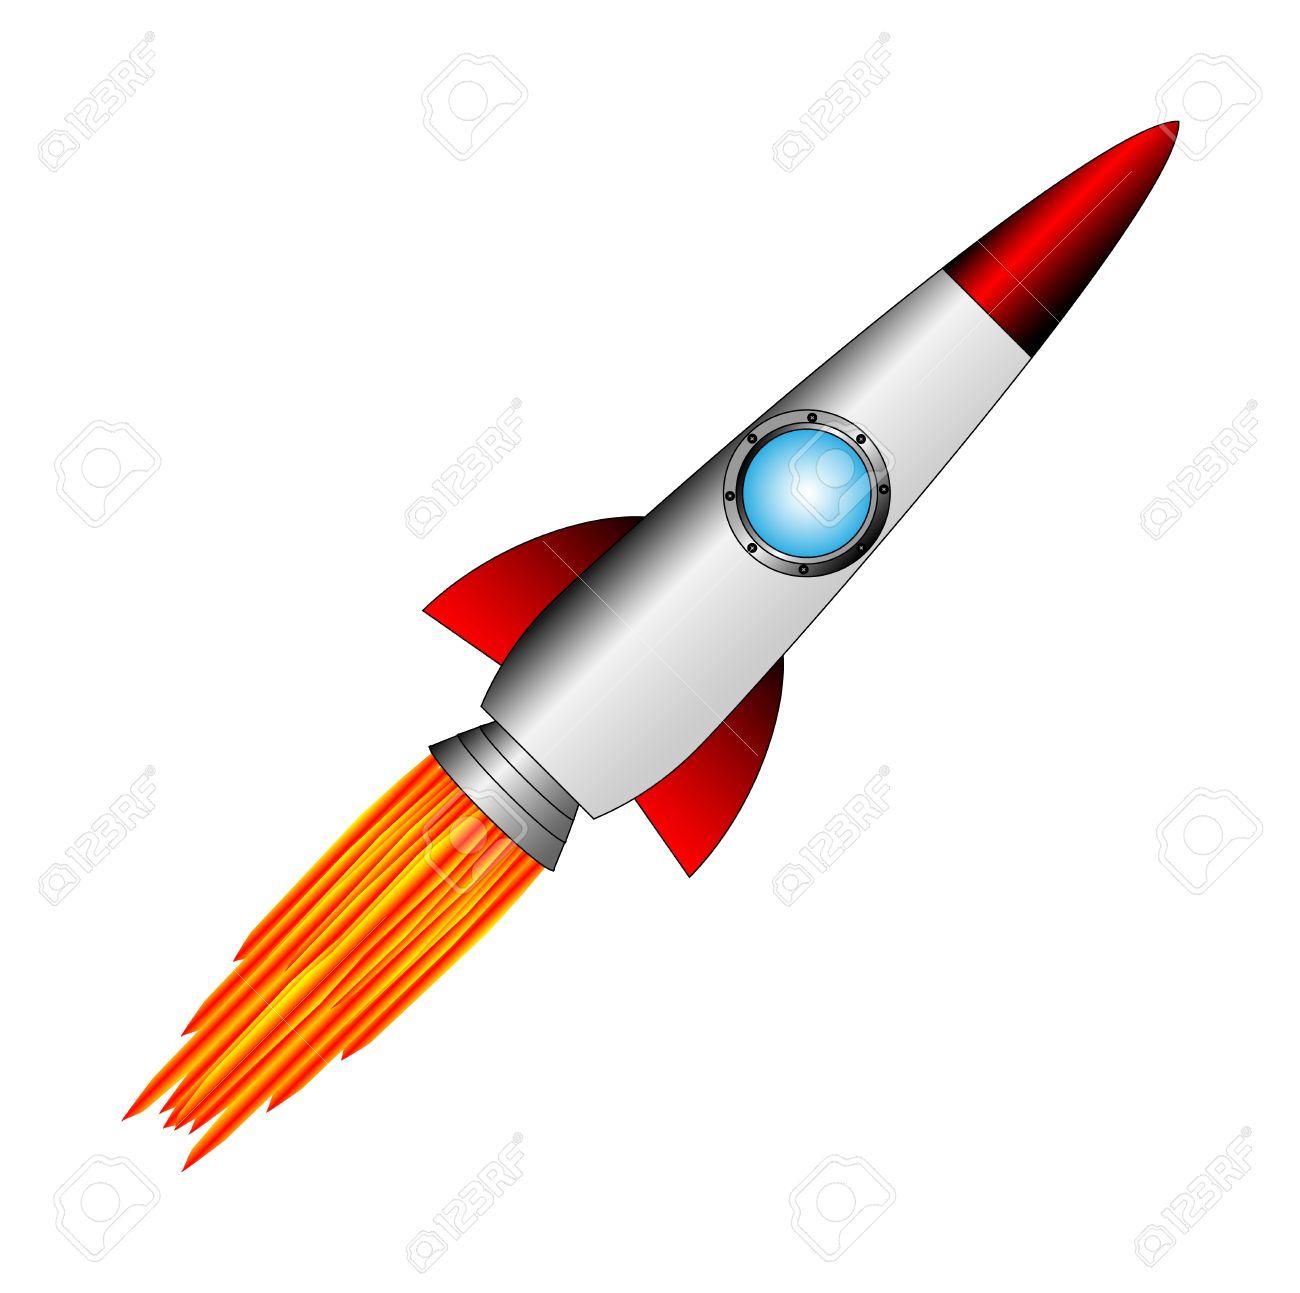 Missile Clip Art.